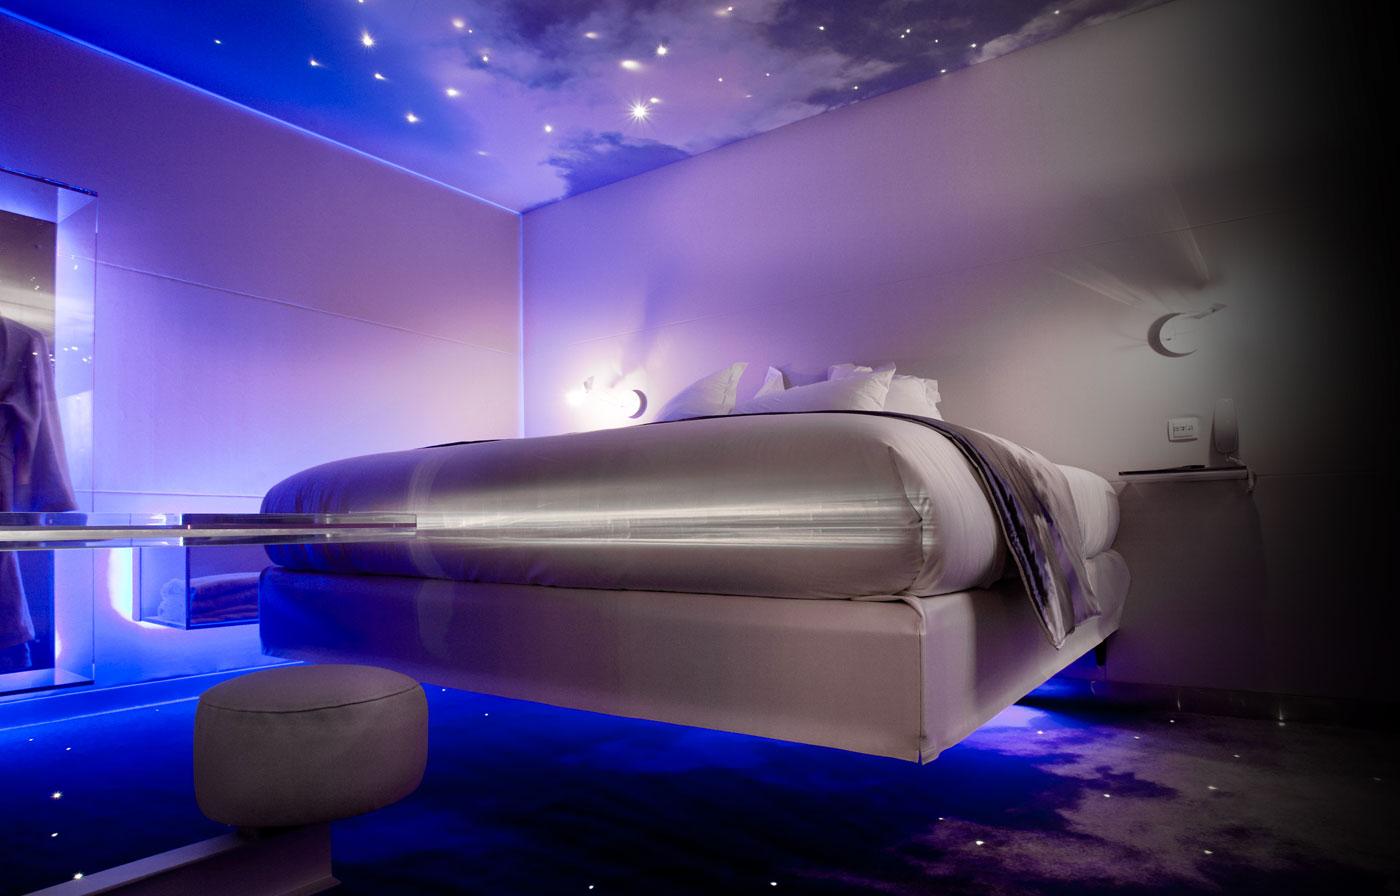 Arredare in stile futuristico idee originali per una casa 2 0 - Illuminazione camera da letto led ...